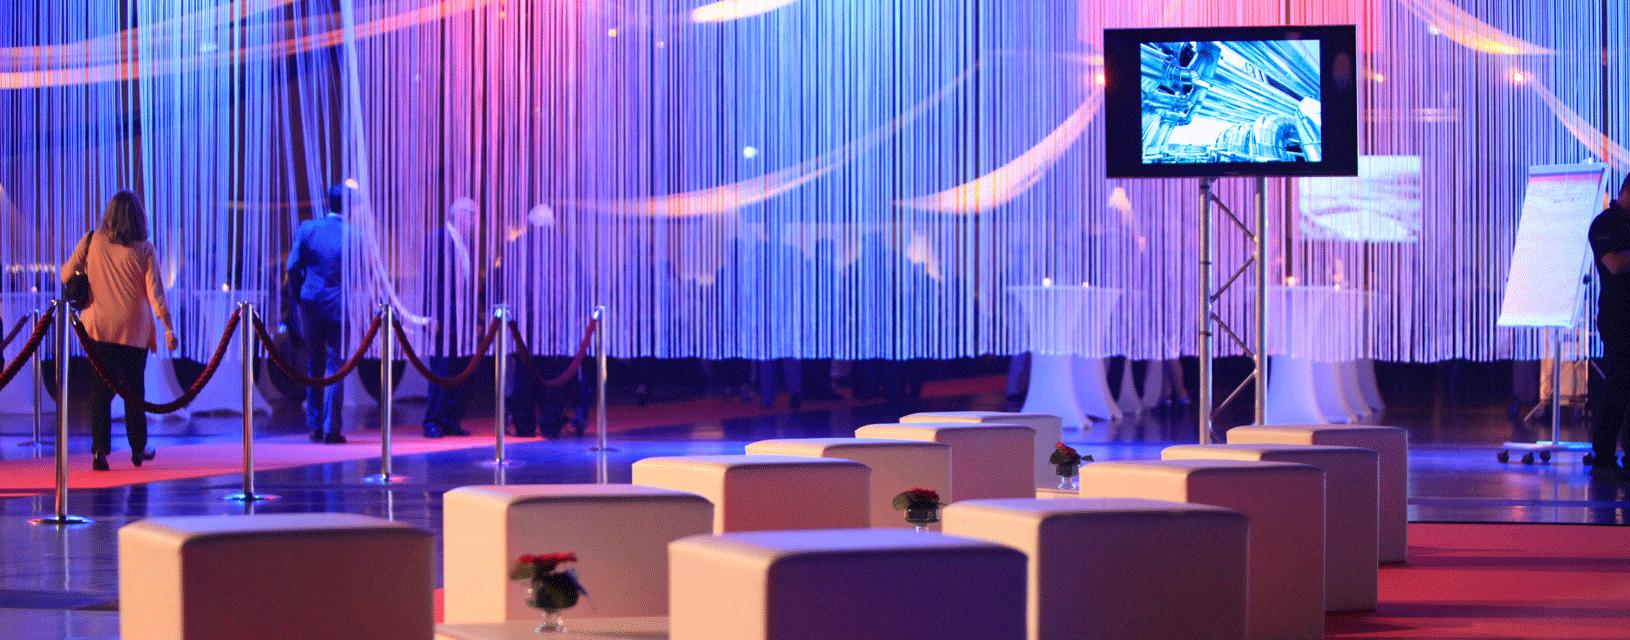 event-agentur-ulm-event